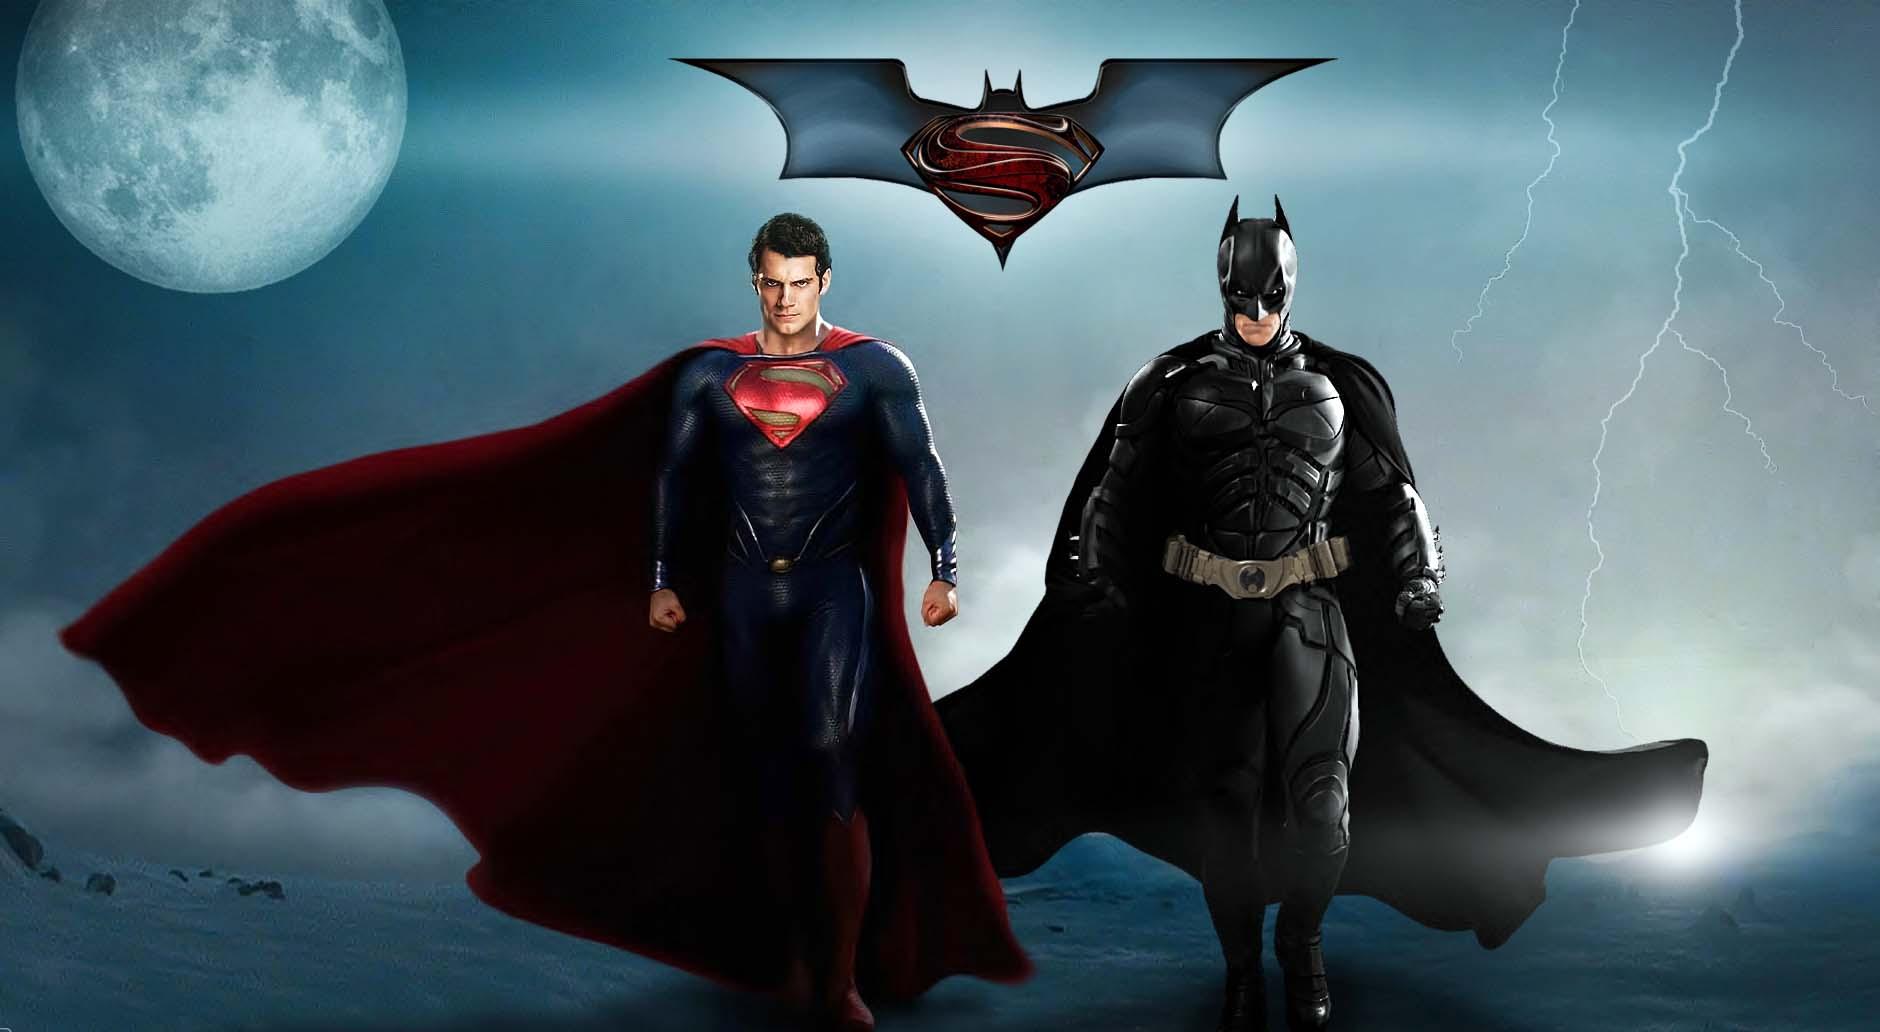 Superman V Batman Film 4k Wallpaper De Batman Y Superman